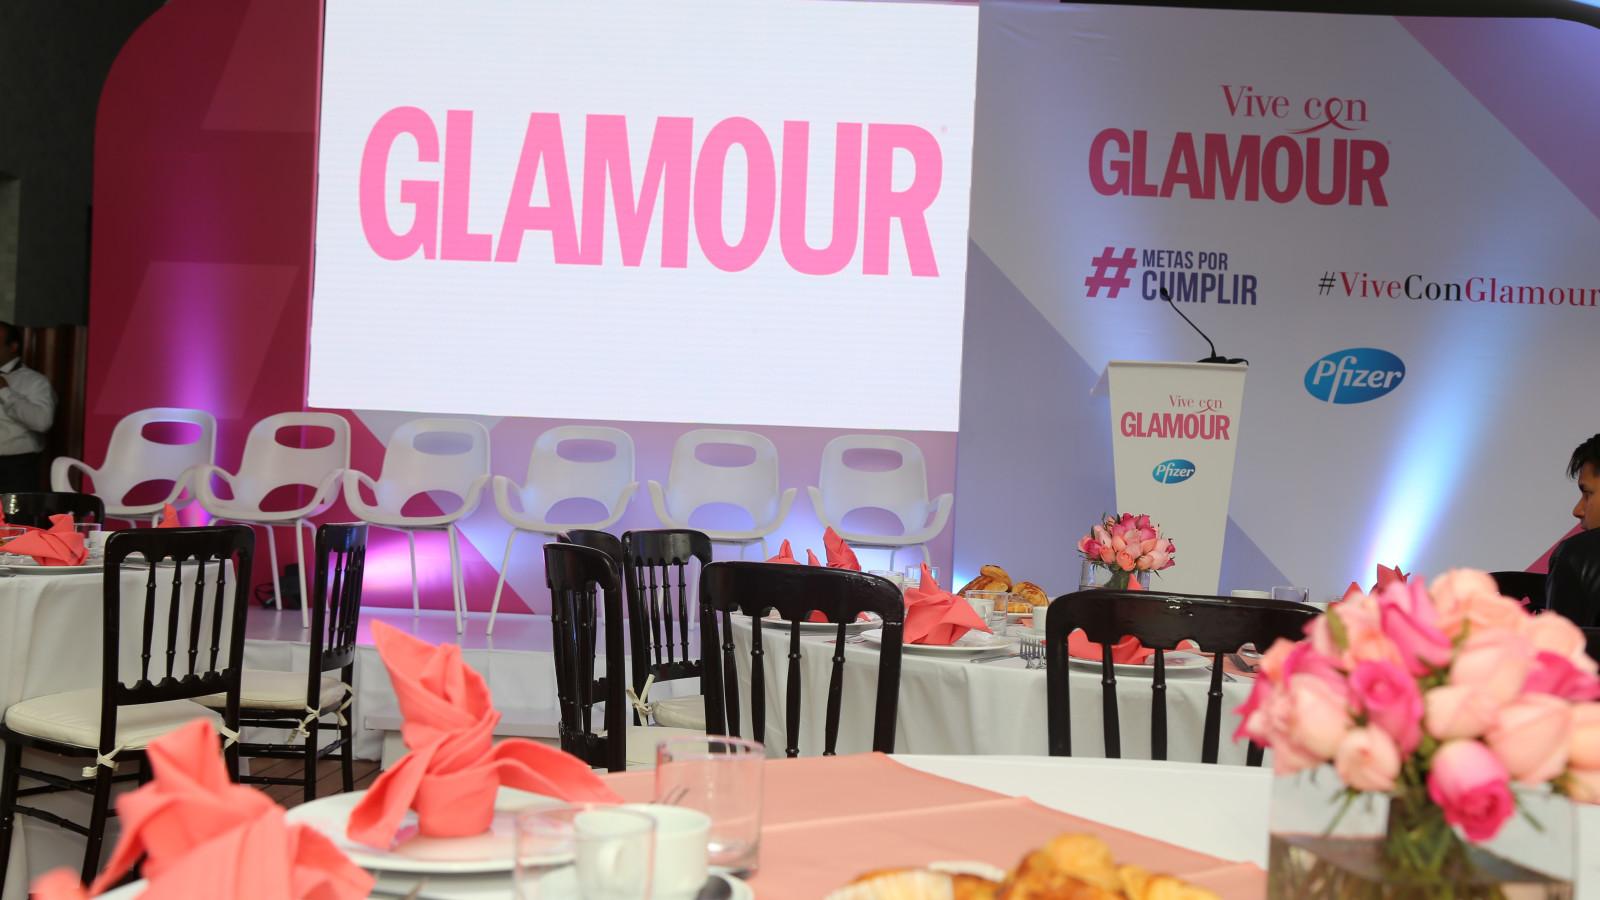 IMG 4319 - Enrique SanchezArmas - Mexico - Live With Glamour